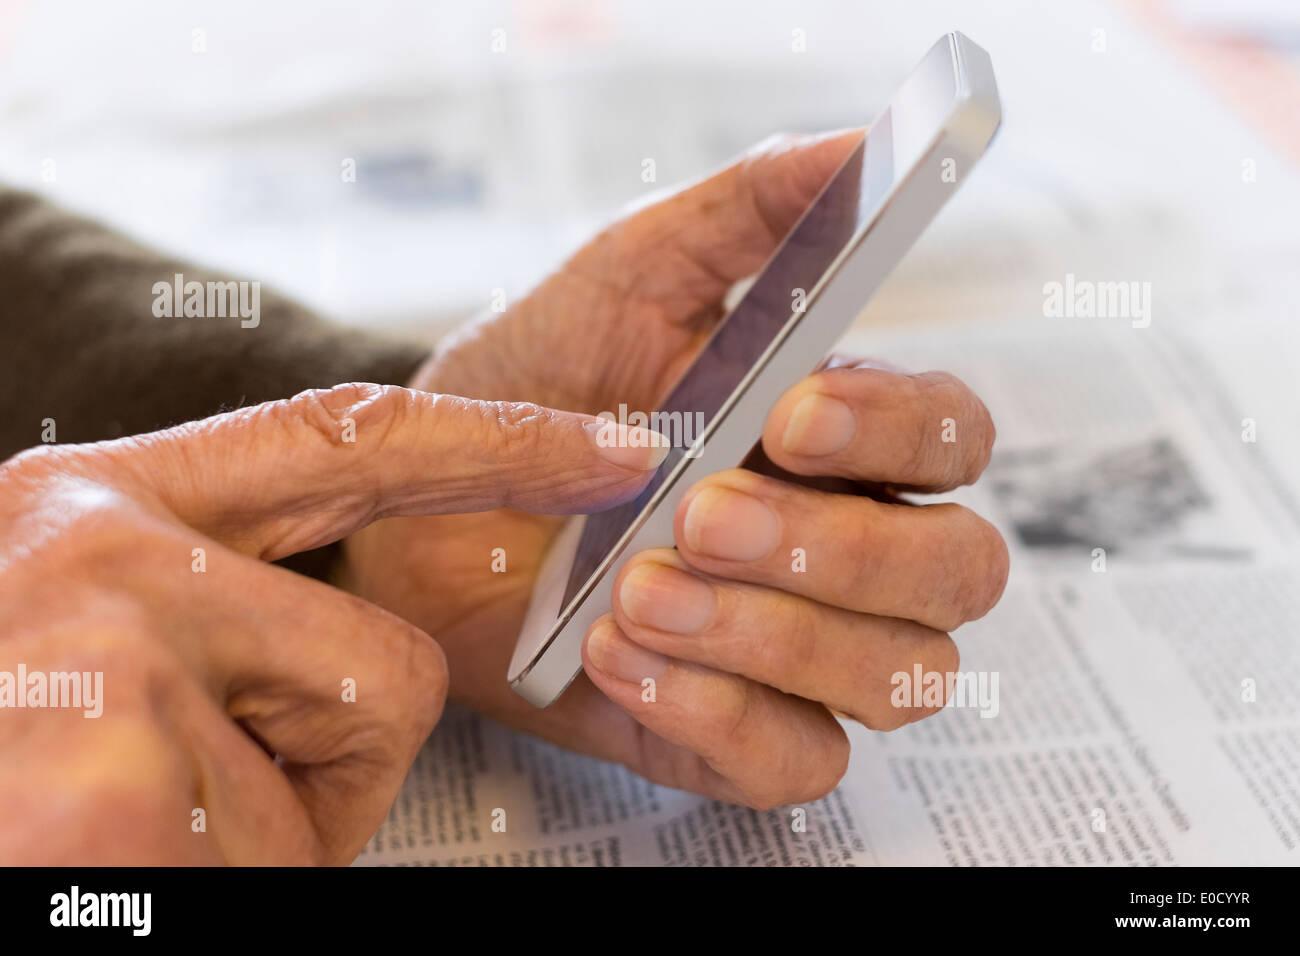 Femmina scrittura matura il telefono cellulare in luoghi chiusi closeup Immagini Stock